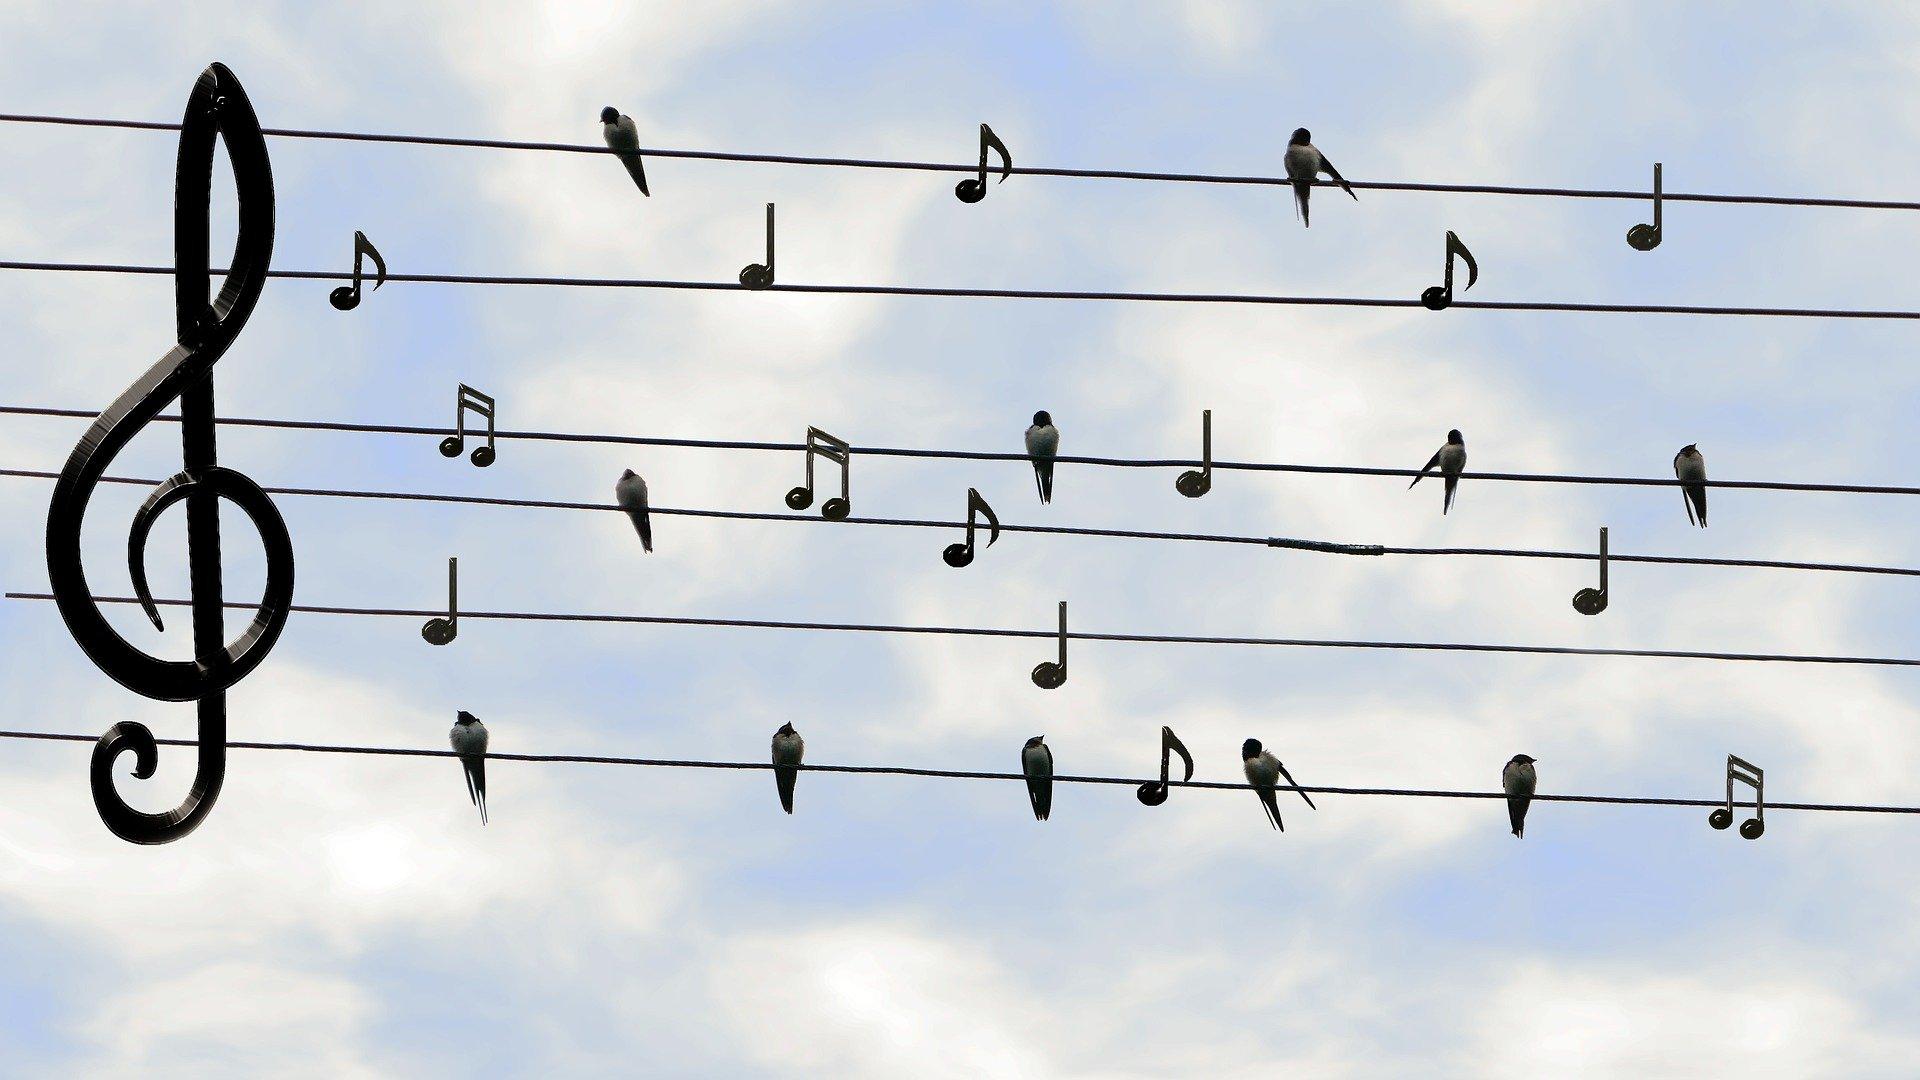 chant les couleurs de la joie